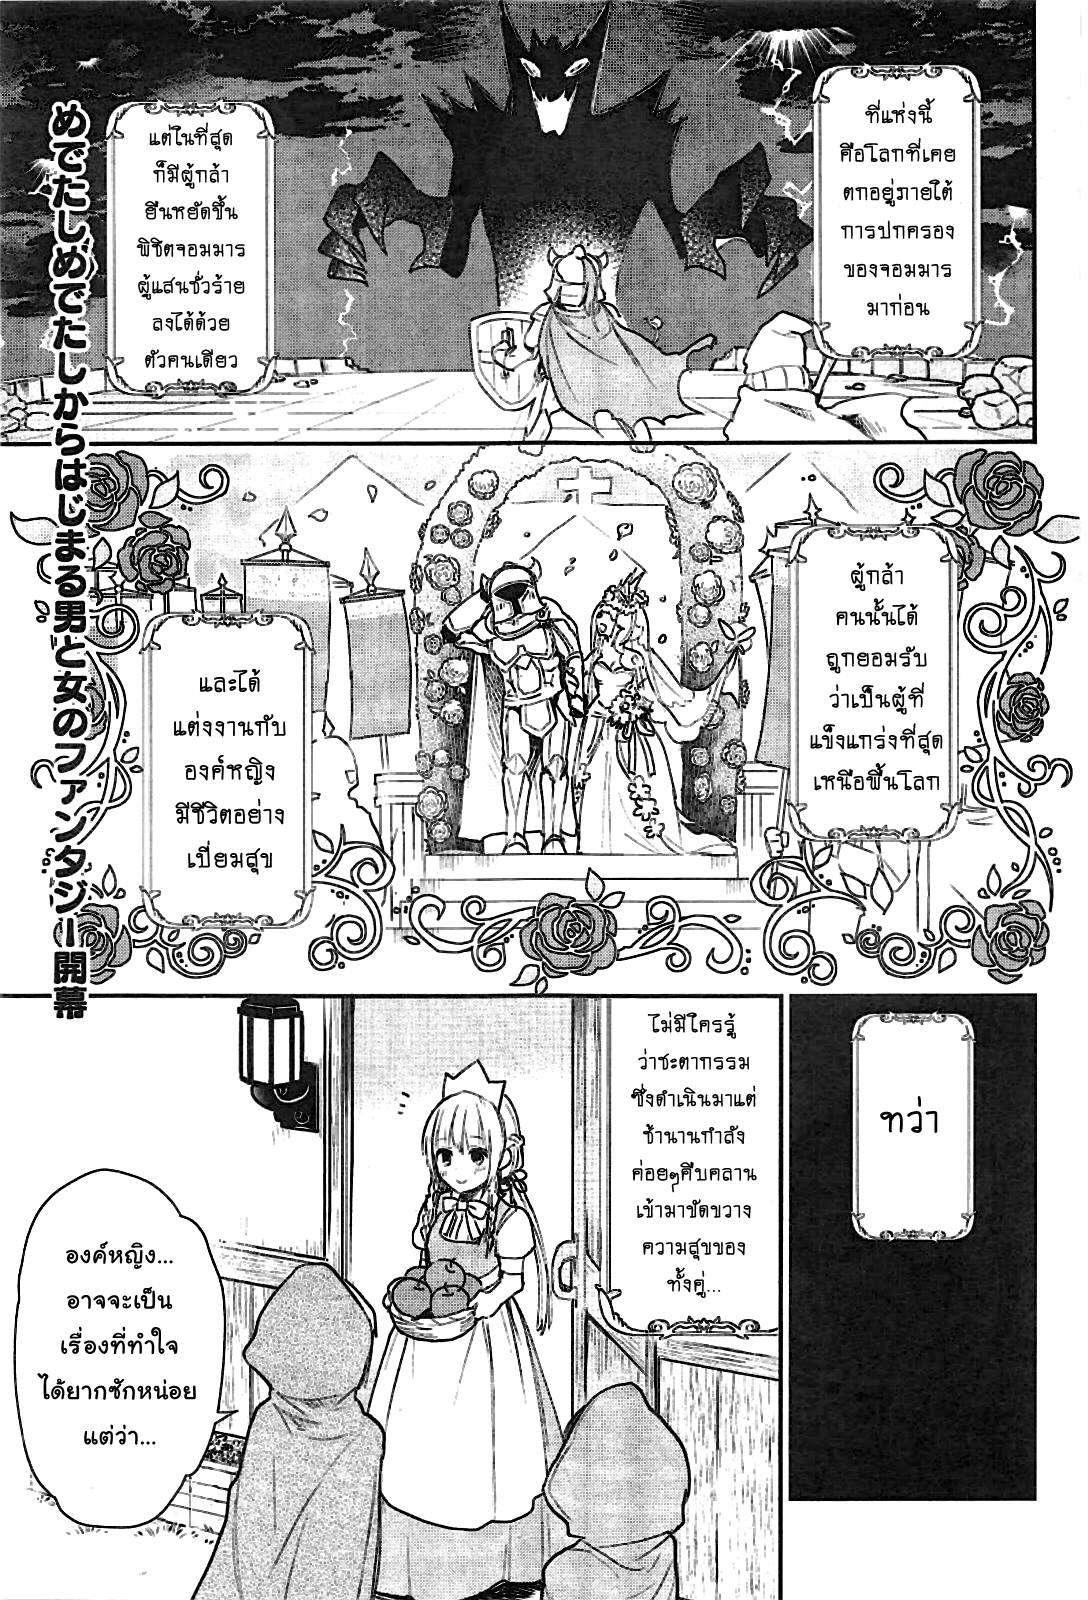 อ่านการ์ตูน Anata no Danna Uwaki shitemasu yo ตอนที่ 1 หน้าที่ 2